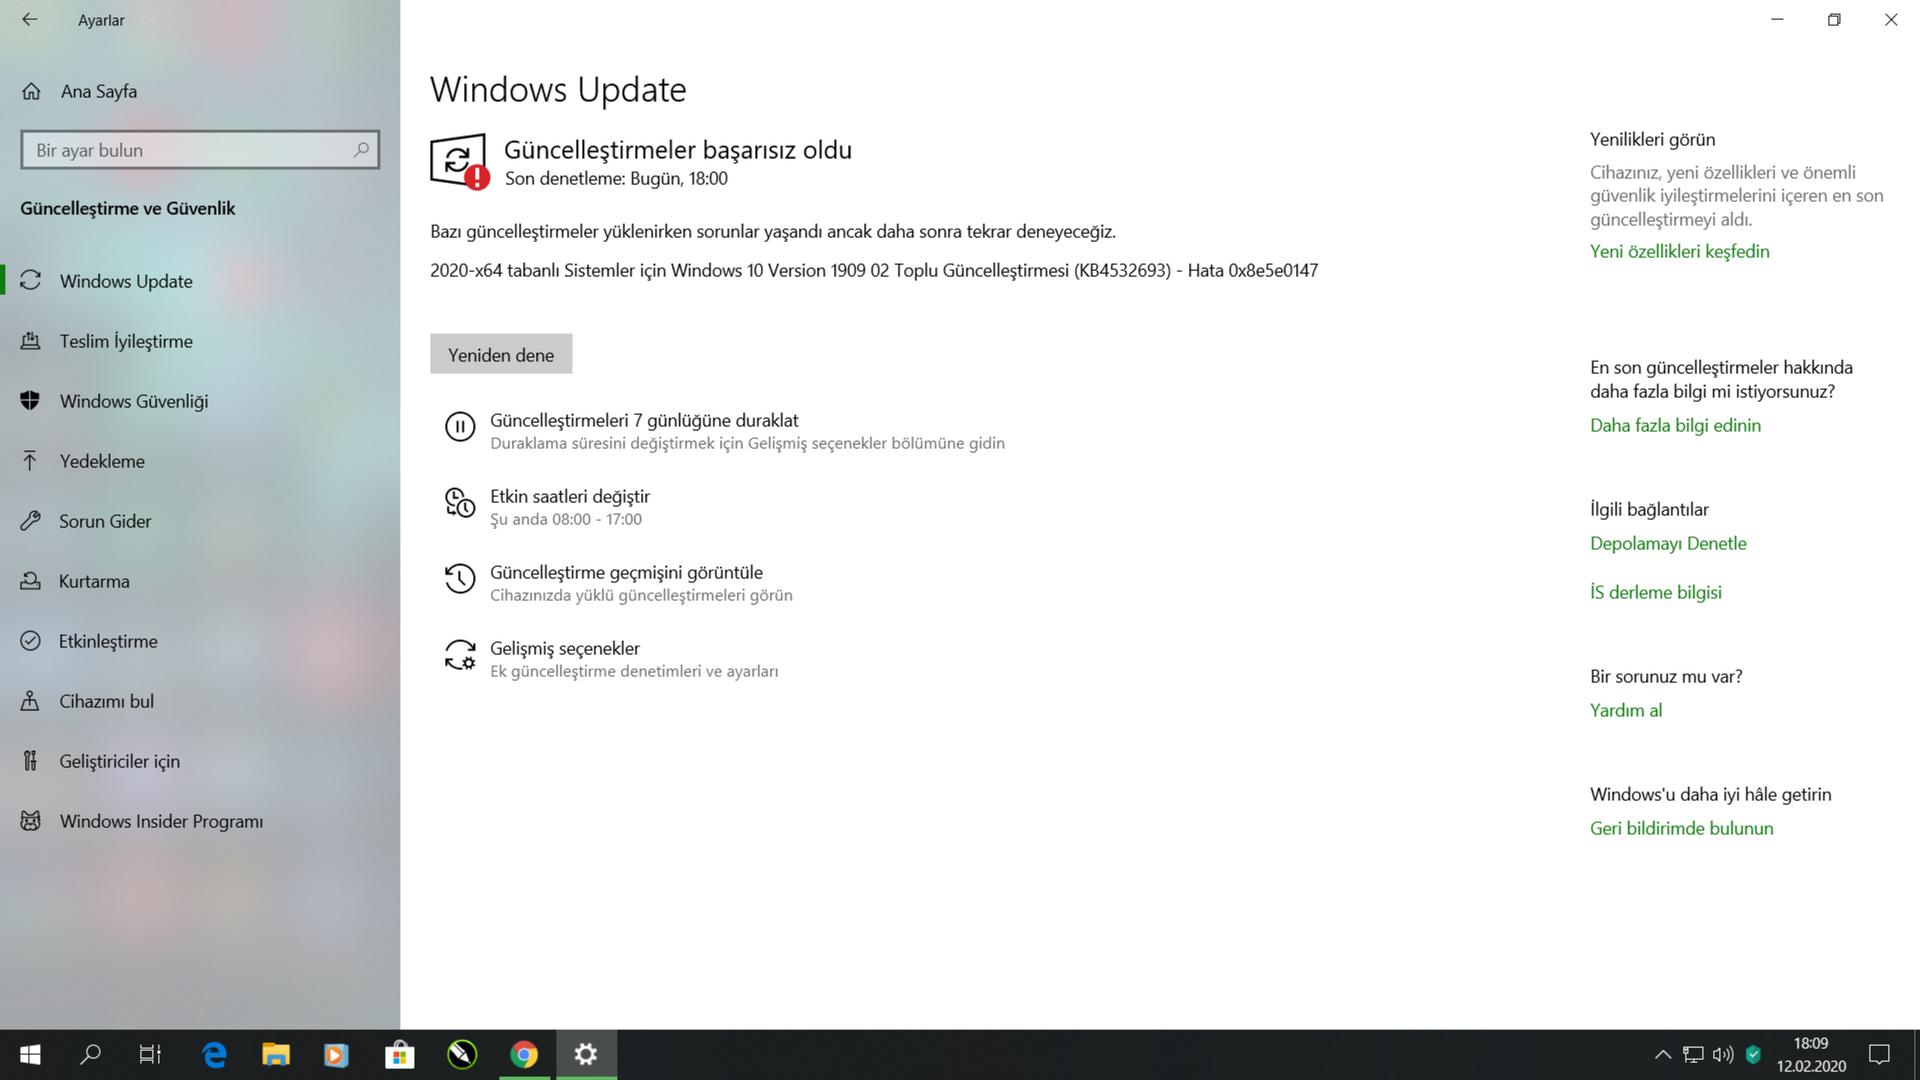 Windows update KB4532693 Error Problem dd4171b9-ea46-4bbb-af6d-5ef621ed935a?upload=true.png